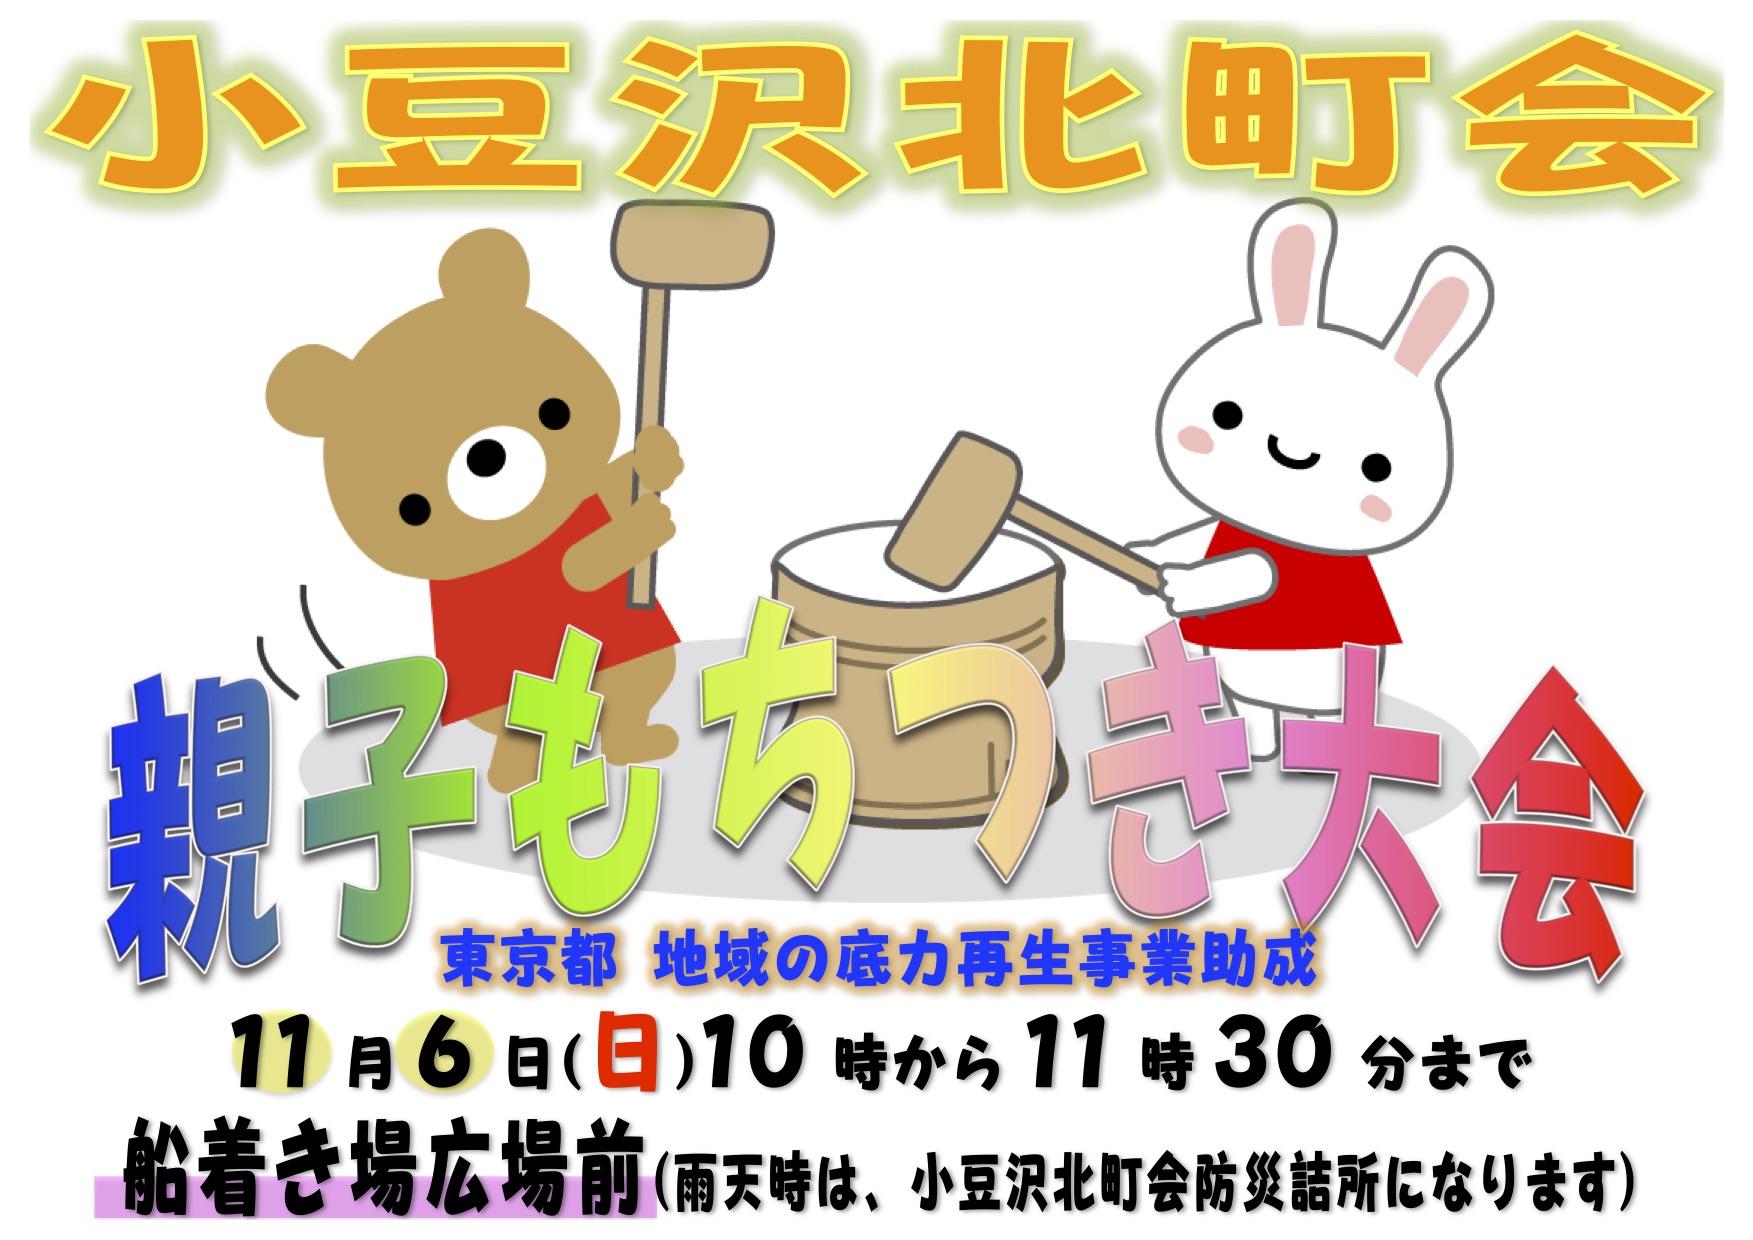 2016年11月6日(日)親子餅つき大会